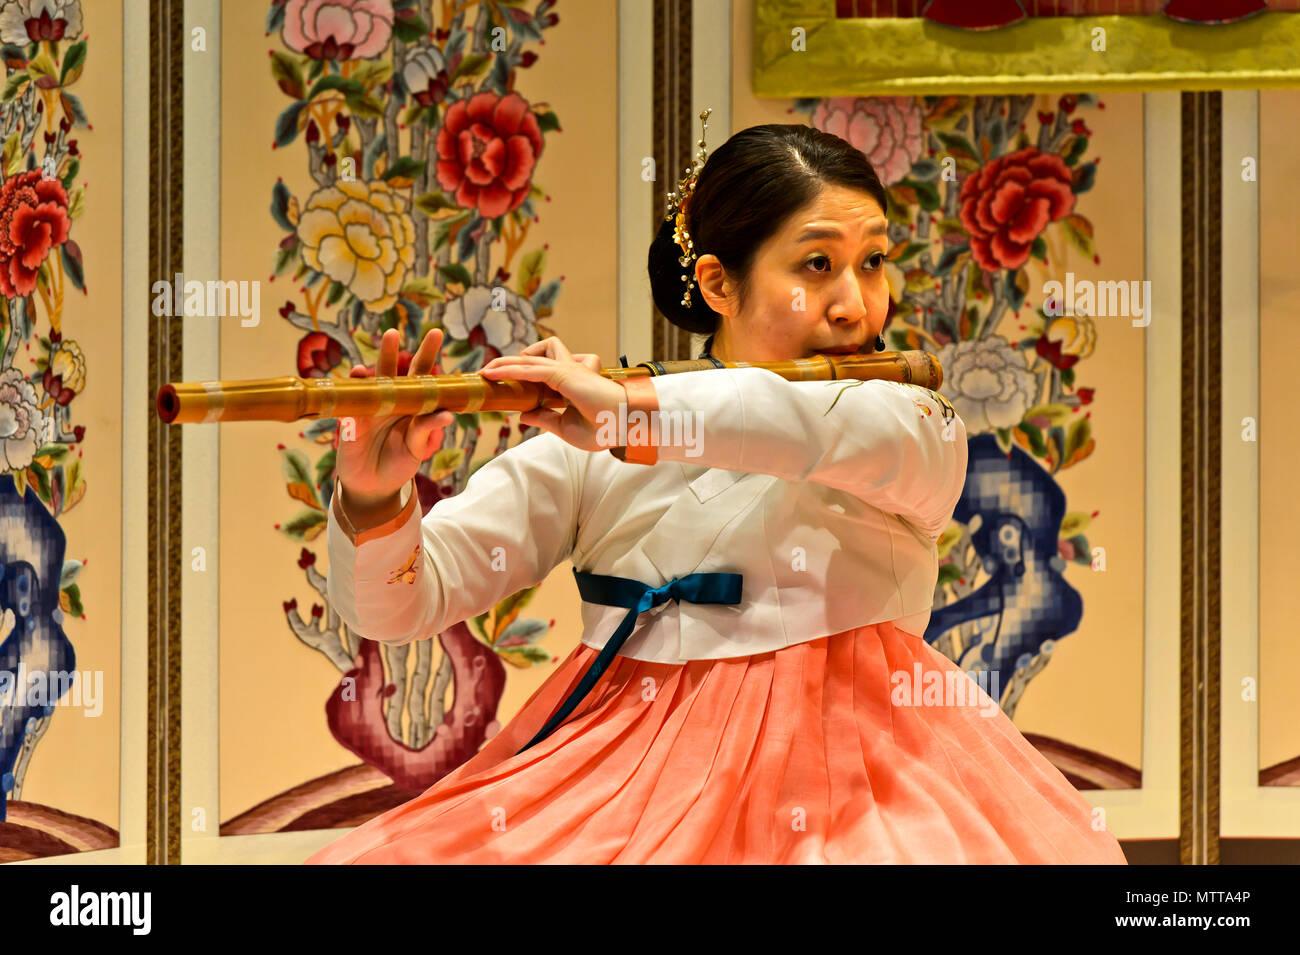 Donna che gioca il tradizionale bambù daegeum flauto traverso, dall'Aeroporto Internazionale Incheon di Seoul, Seoul, Corea del Sud Immagini Stock